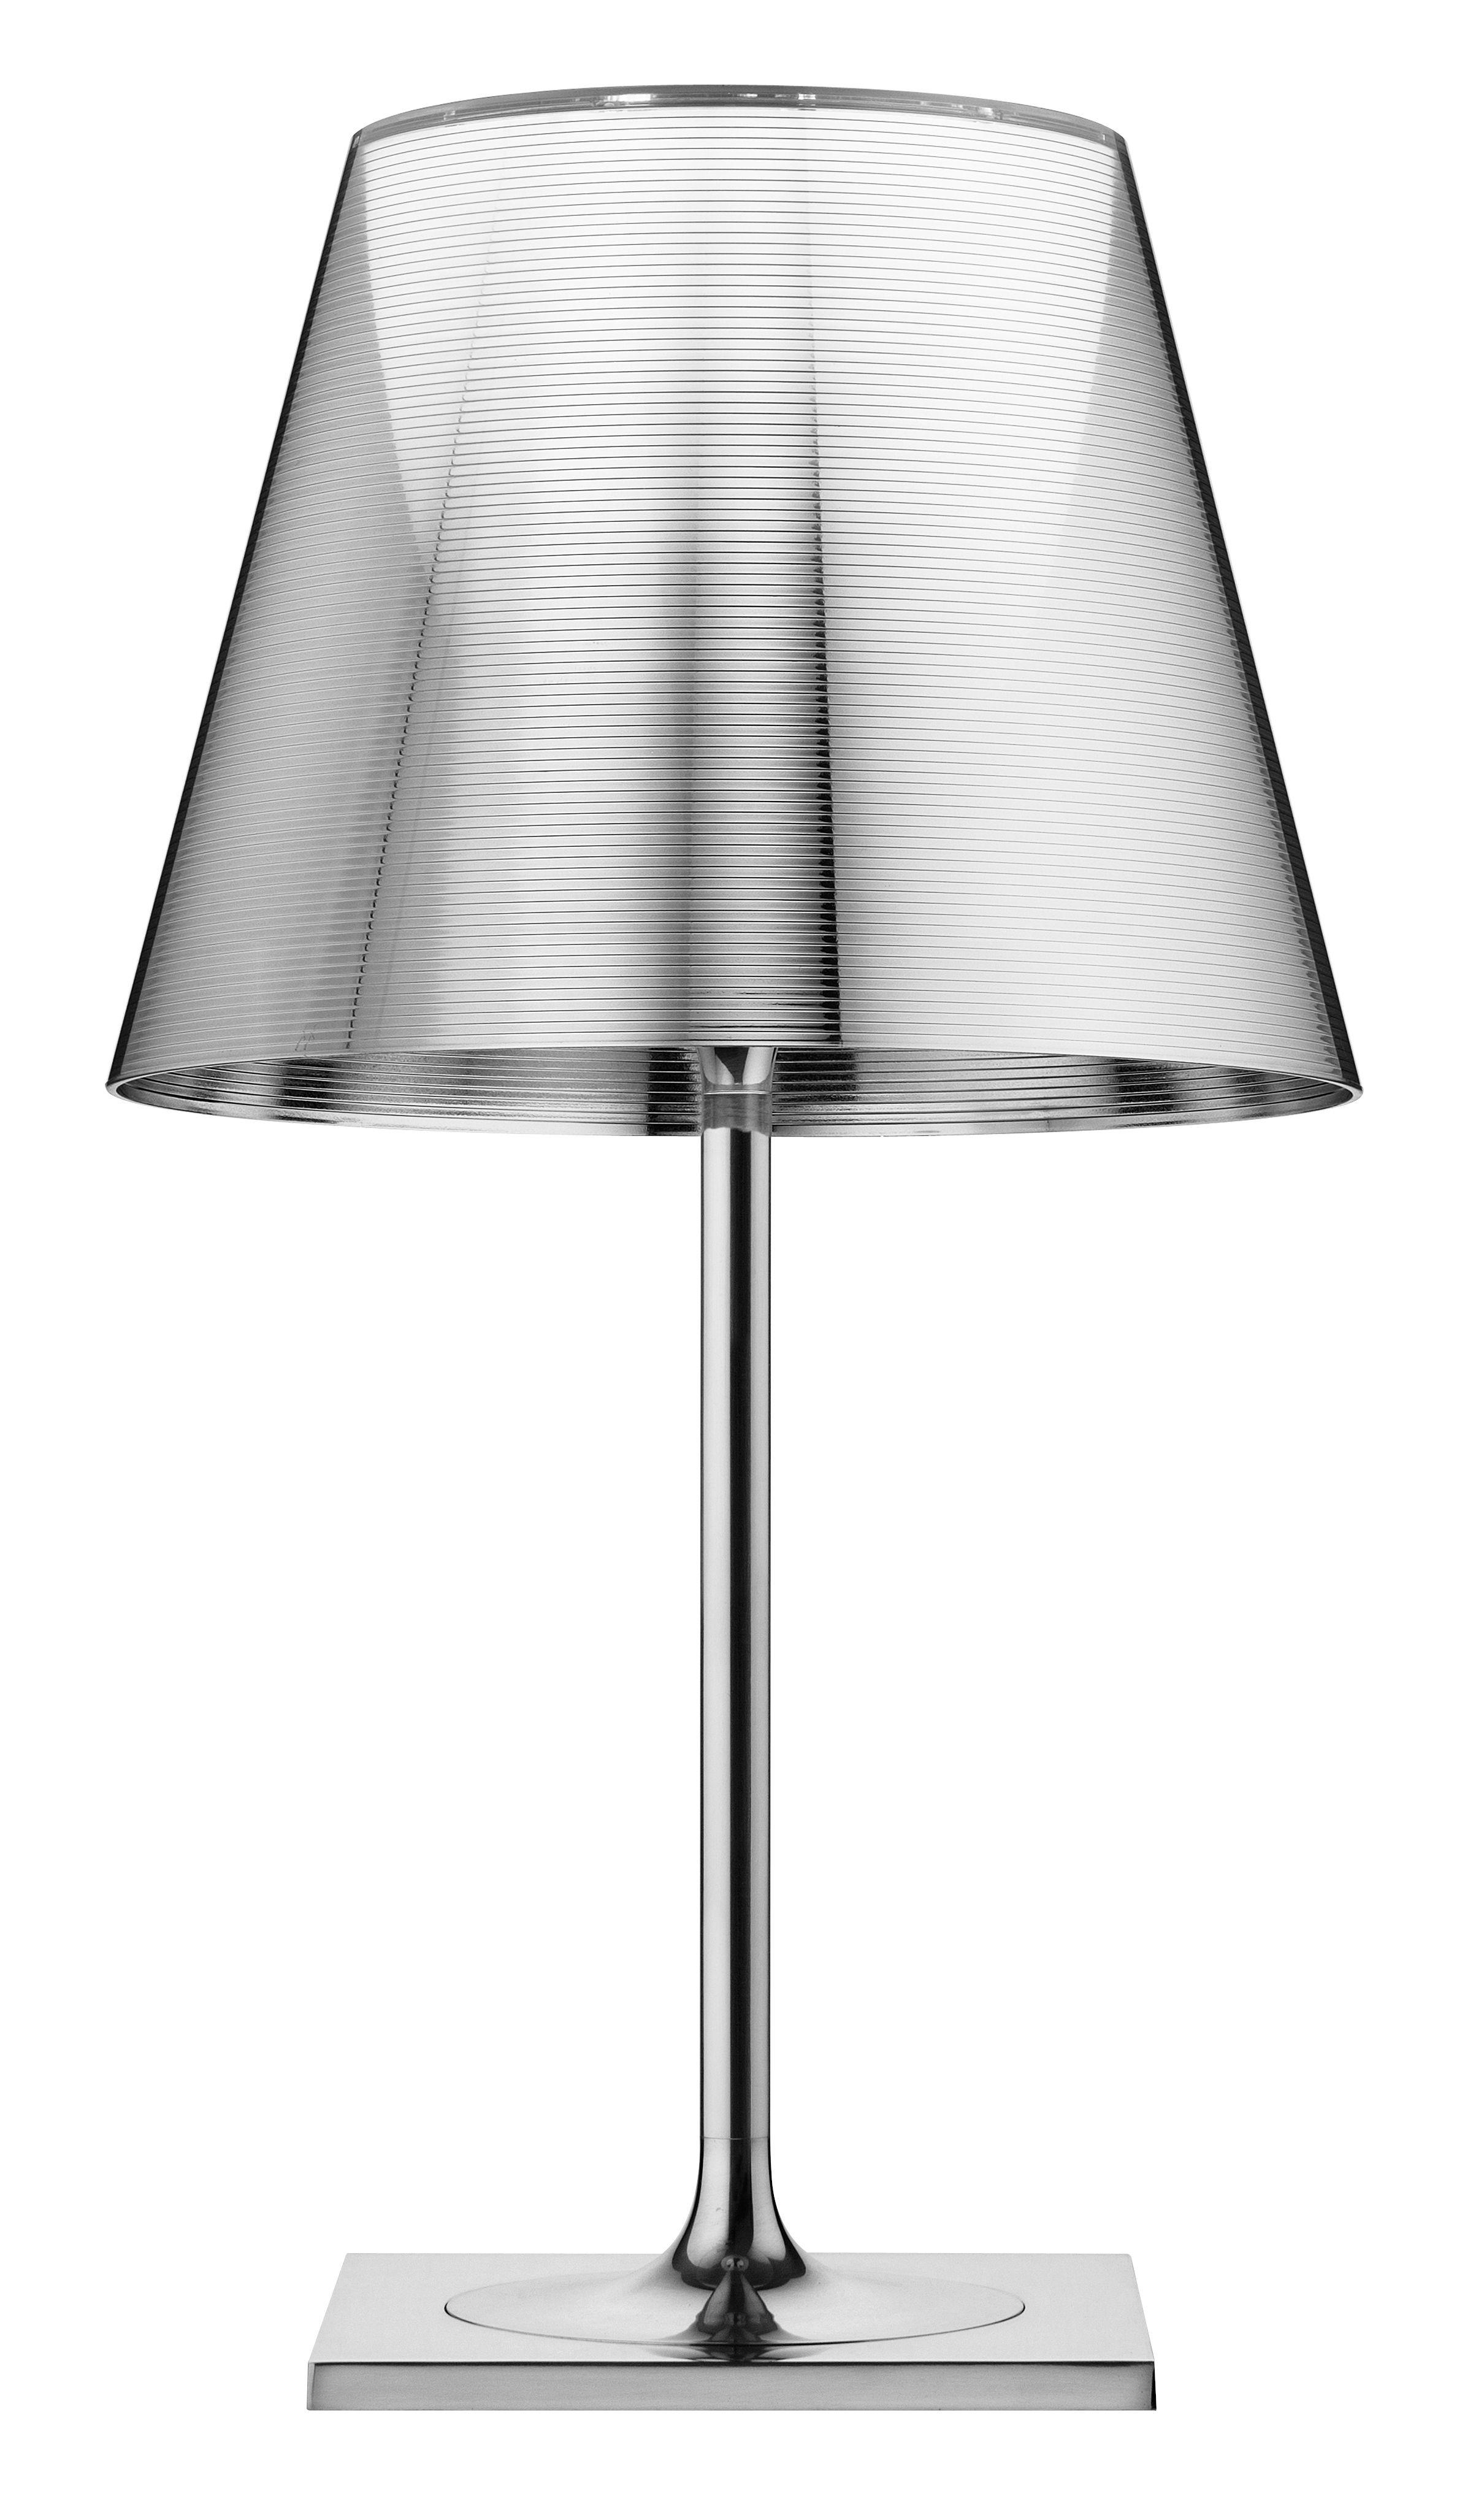 Luminaire - Lampes de table - Lampe de table K Tribe T2 - Flos - Argent métallisé - Aluminium poli, PMMA